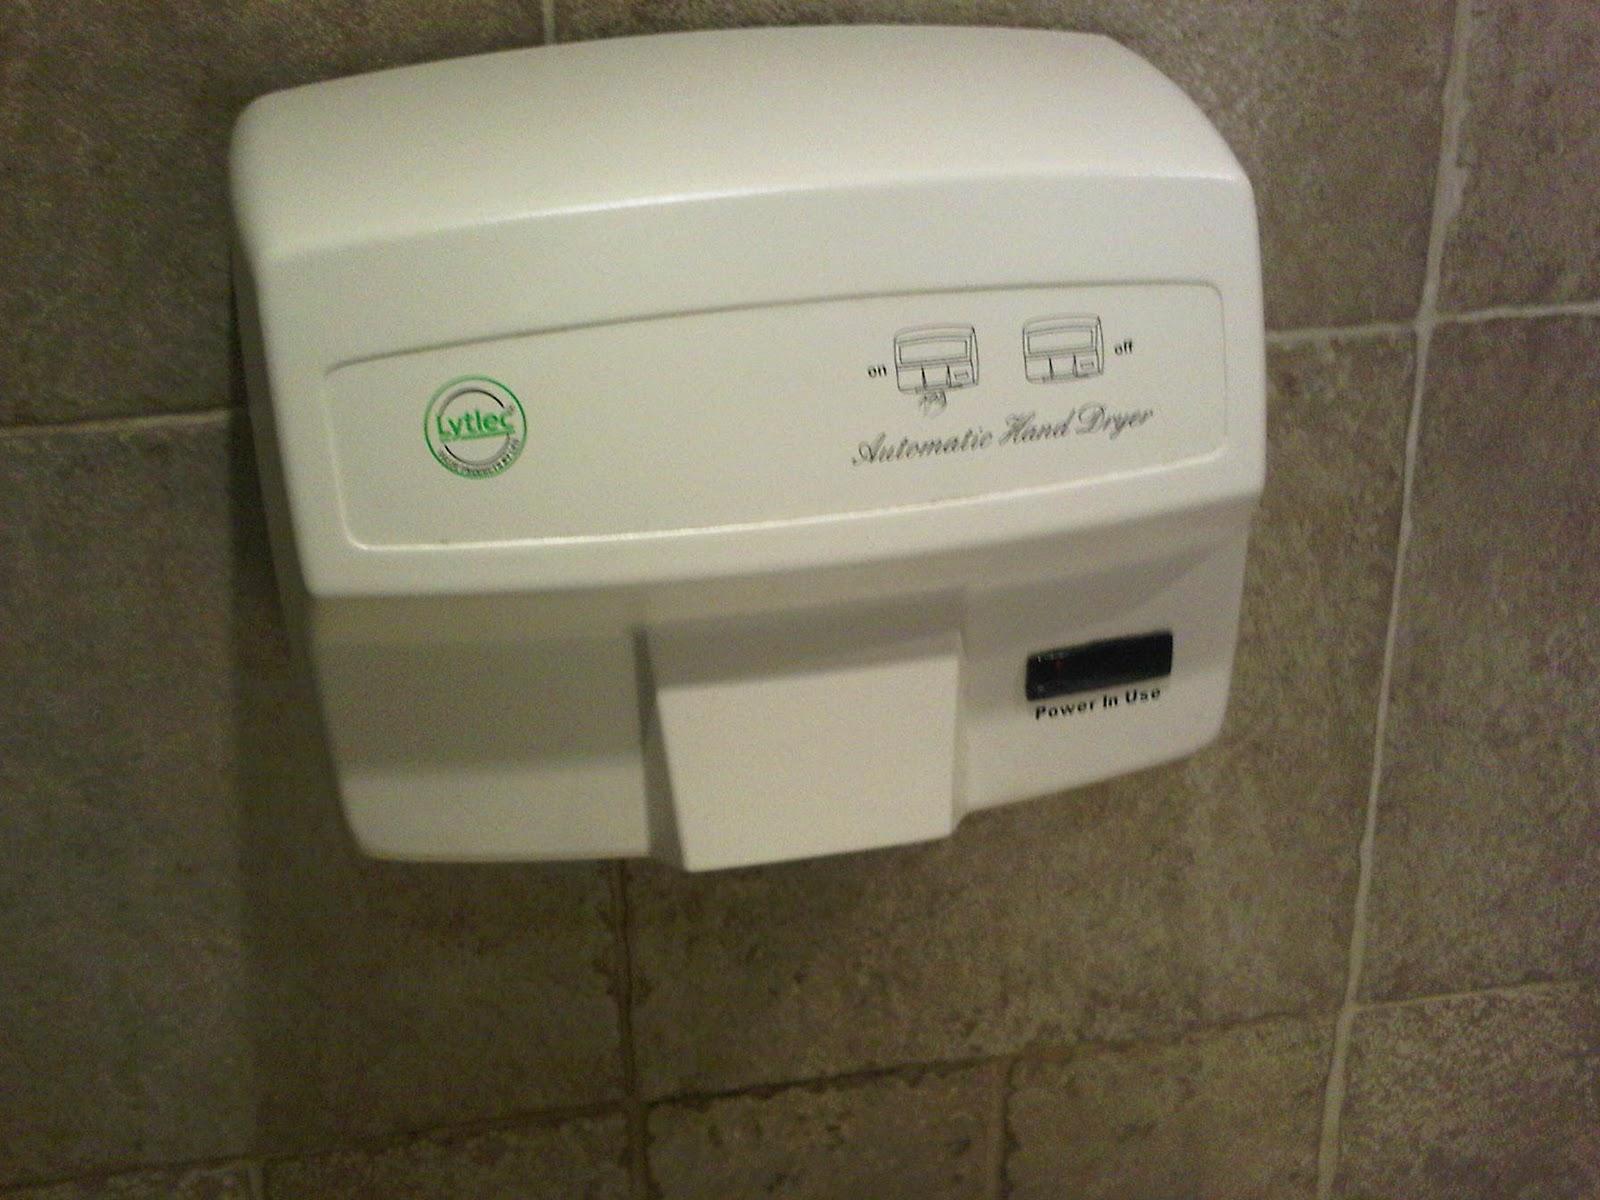 mini mitsubishi electric towel products hand dryer jet series